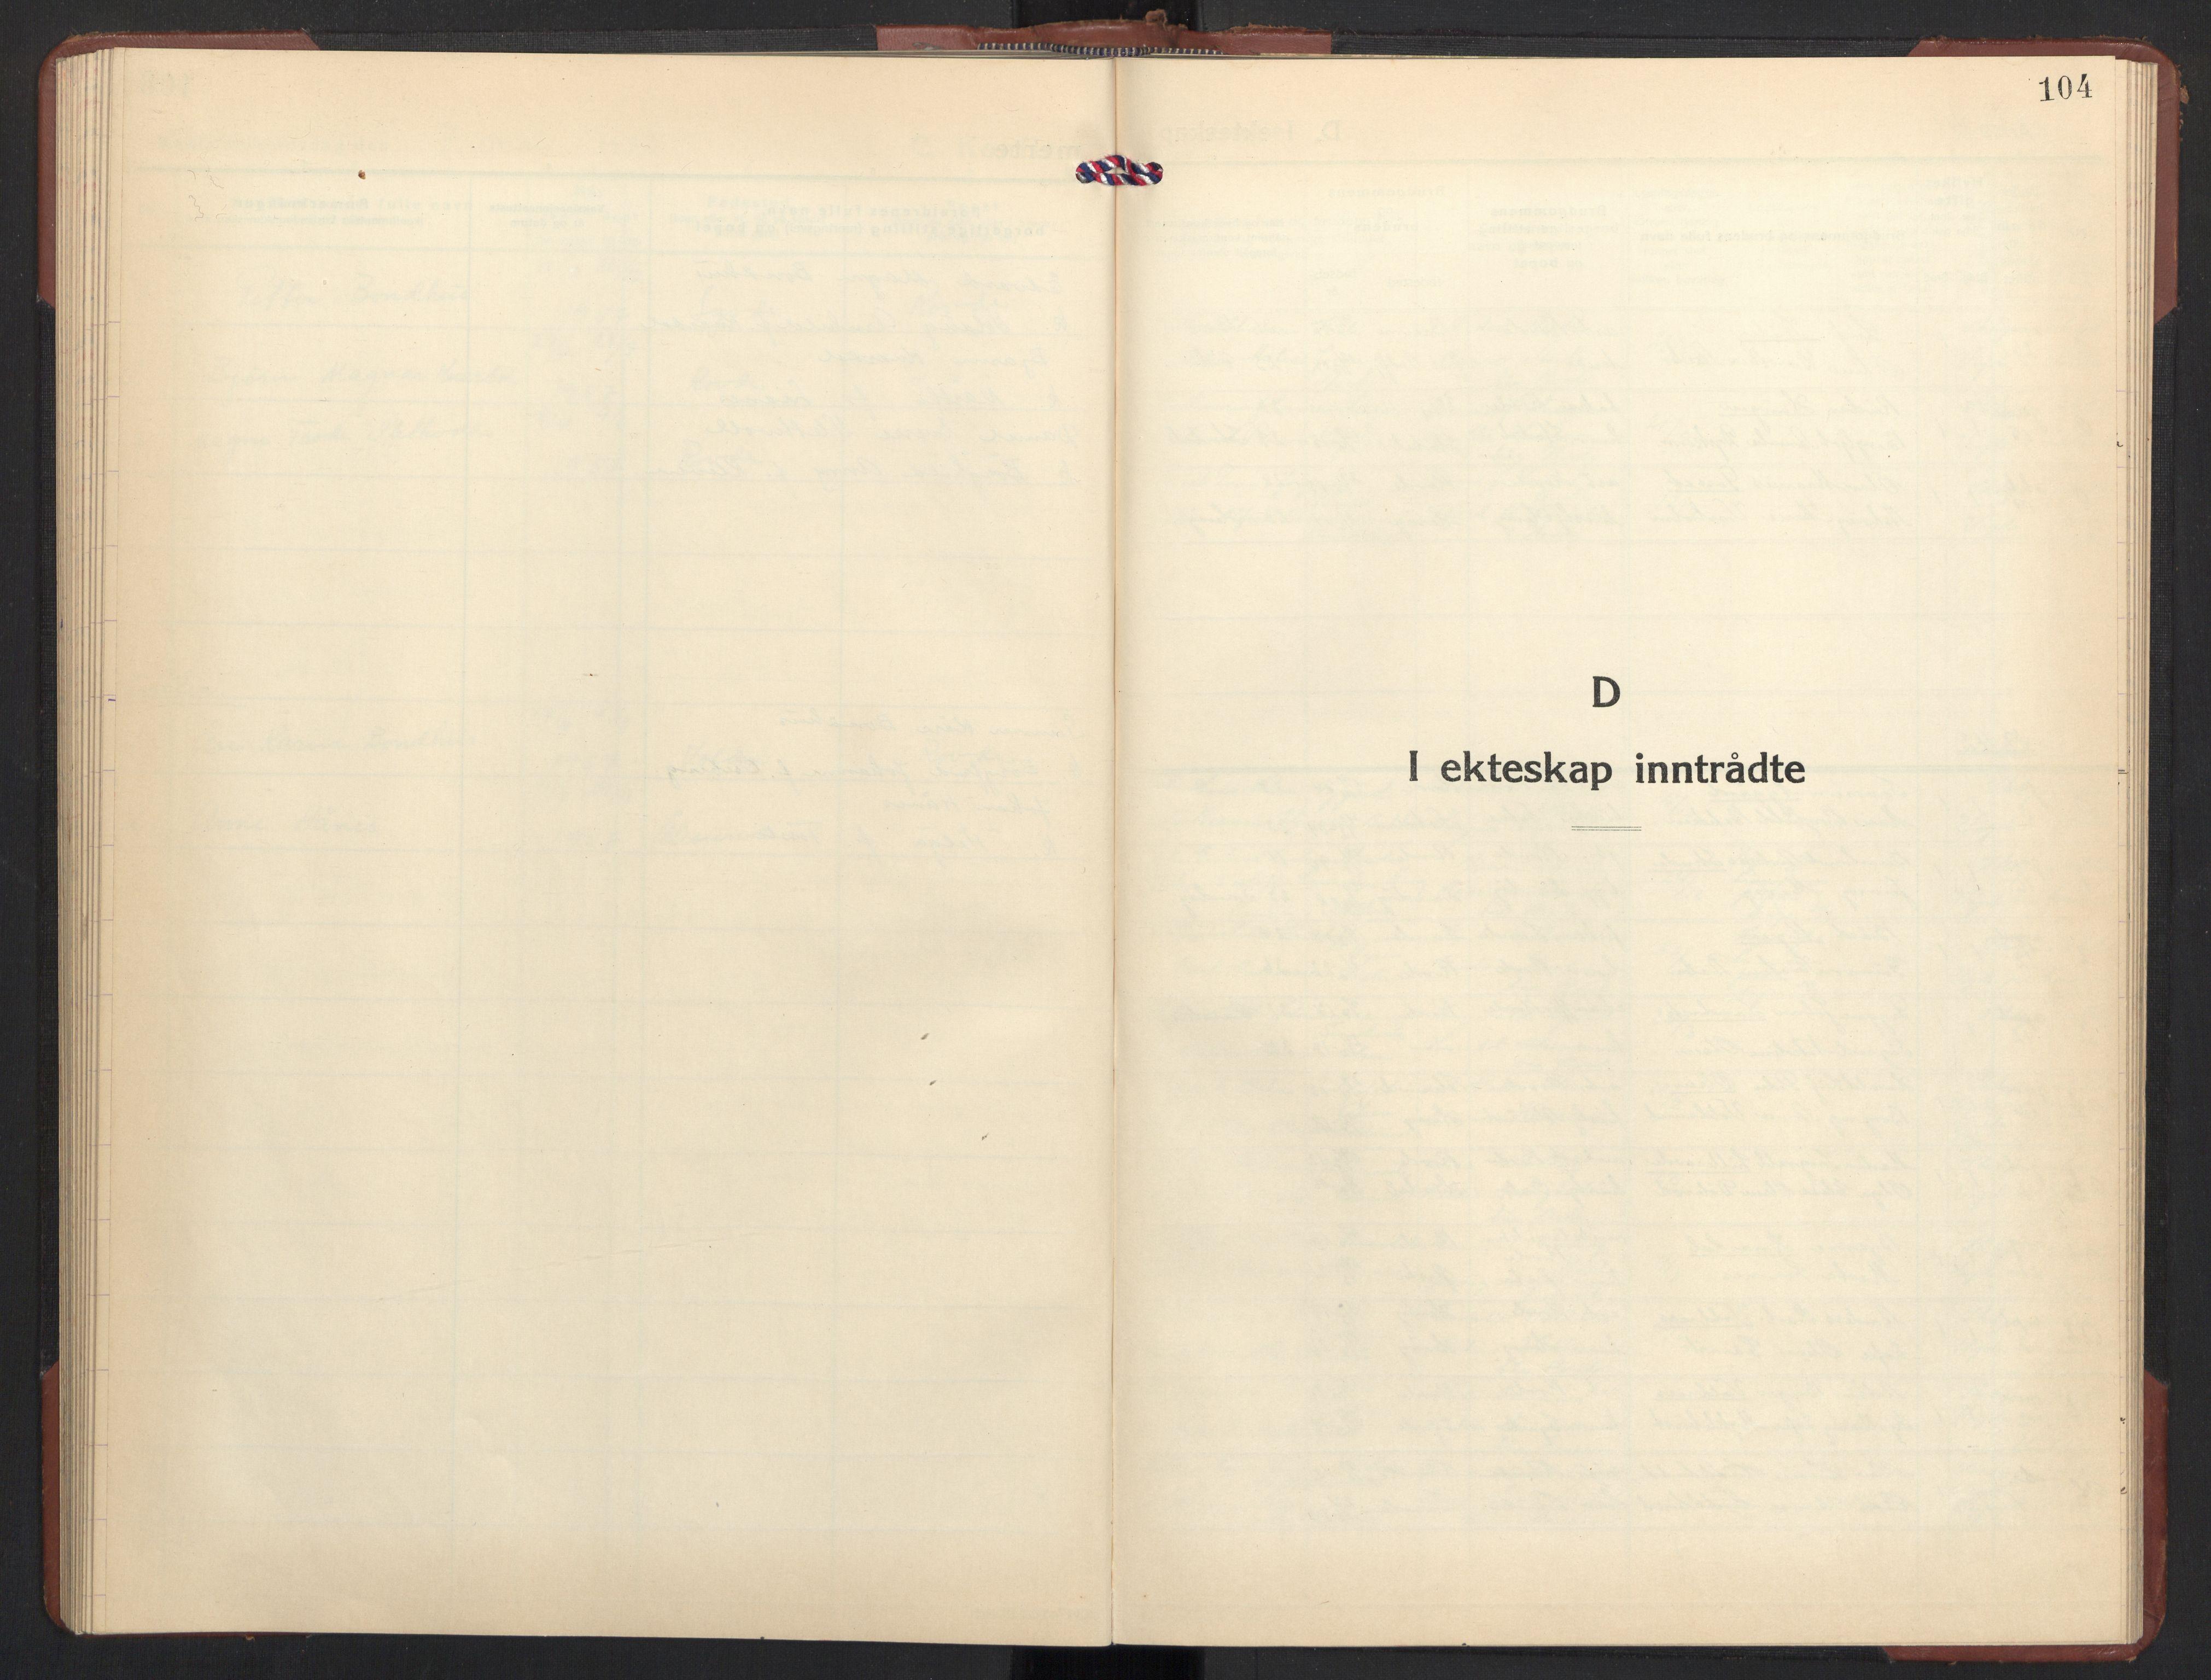 SAT, Ministerialprotokoller, klokkerbøker og fødselsregistre - Møre og Romsdal, 504/L0063: Klokkerbok nr. 504C05, 1939-1972, s. 104